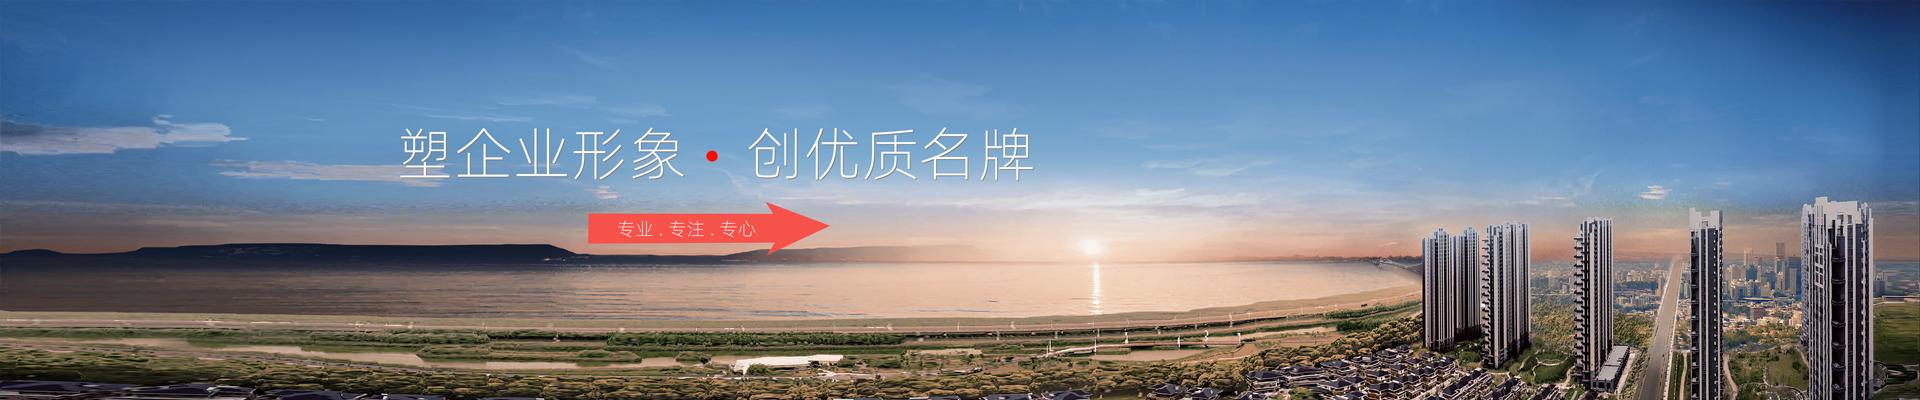 杭州小犇科技有限公司公司介紹